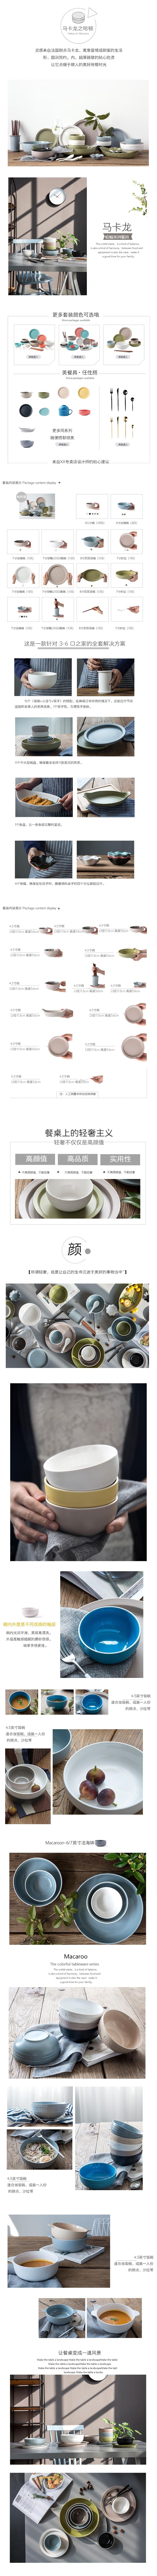 清新简约百货零货家居生活家具餐具促销电商详情页